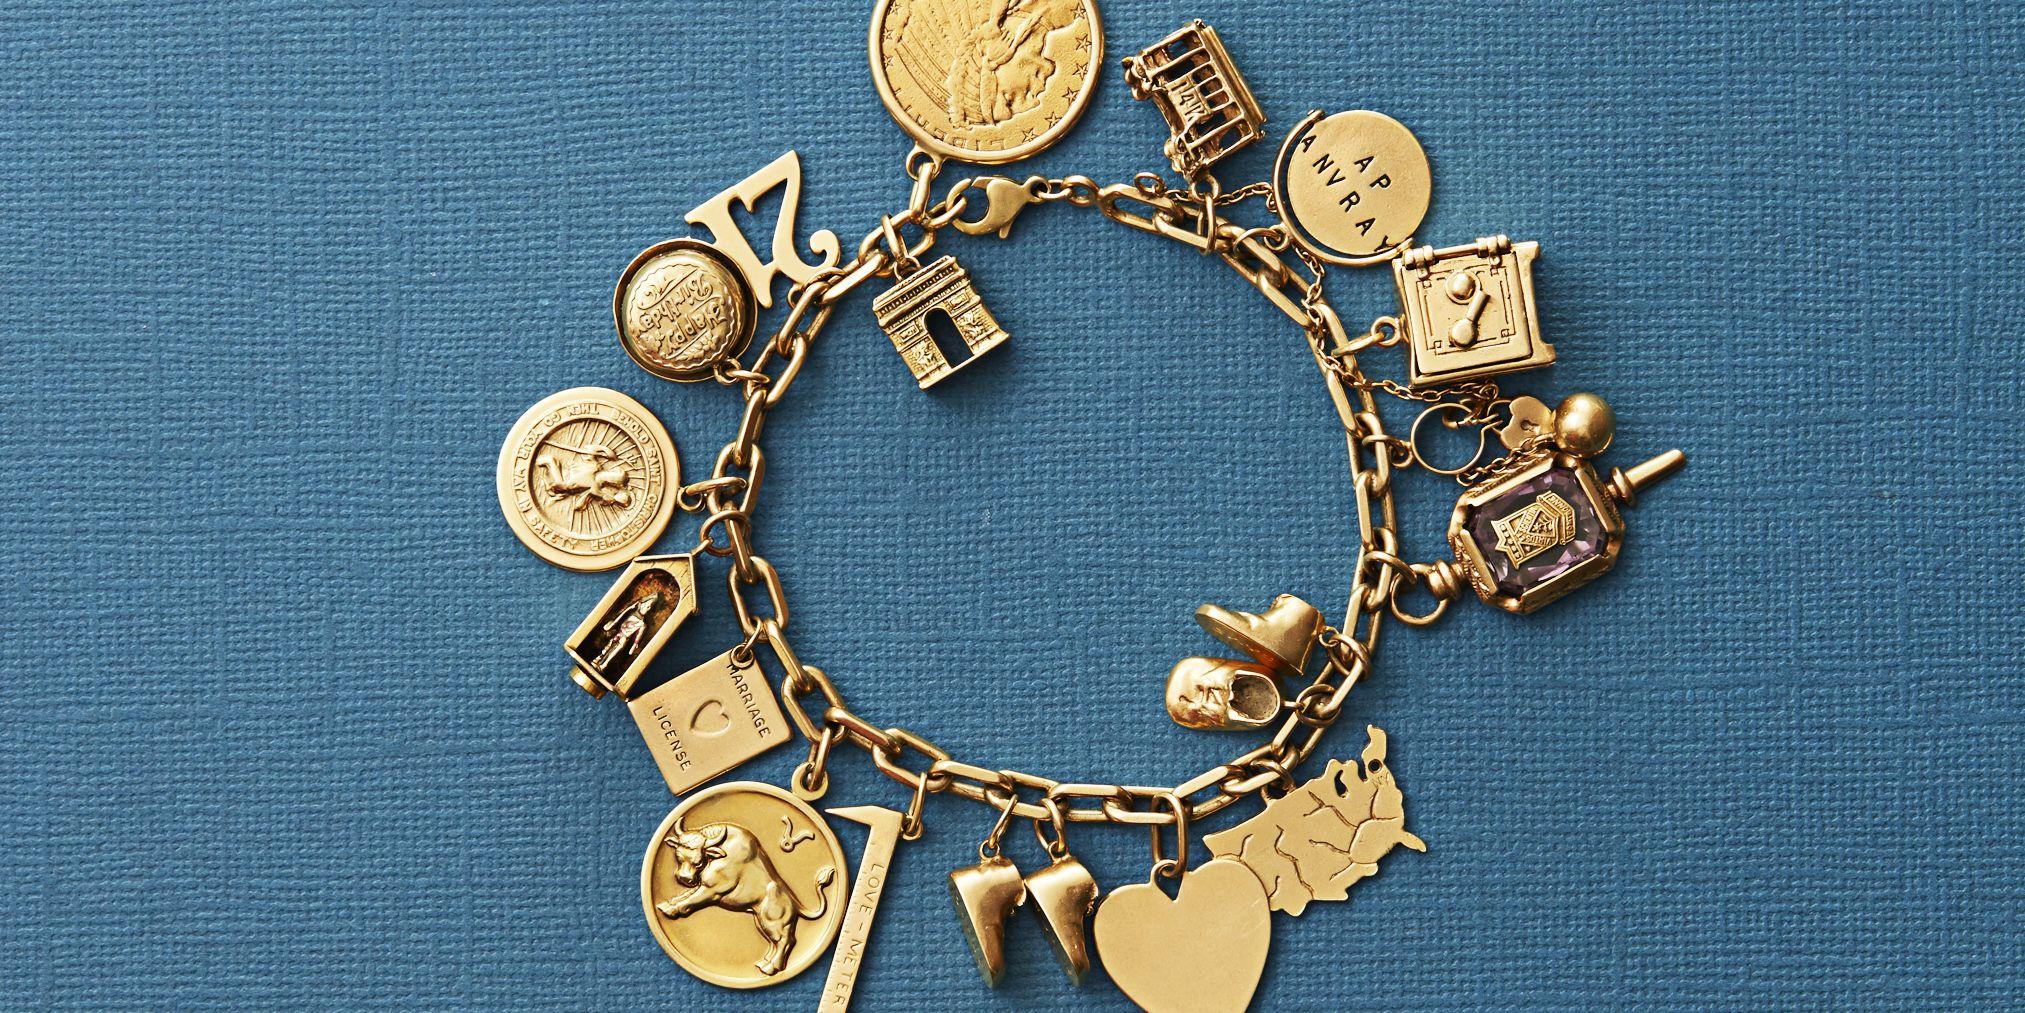 Family Charm Bracelet